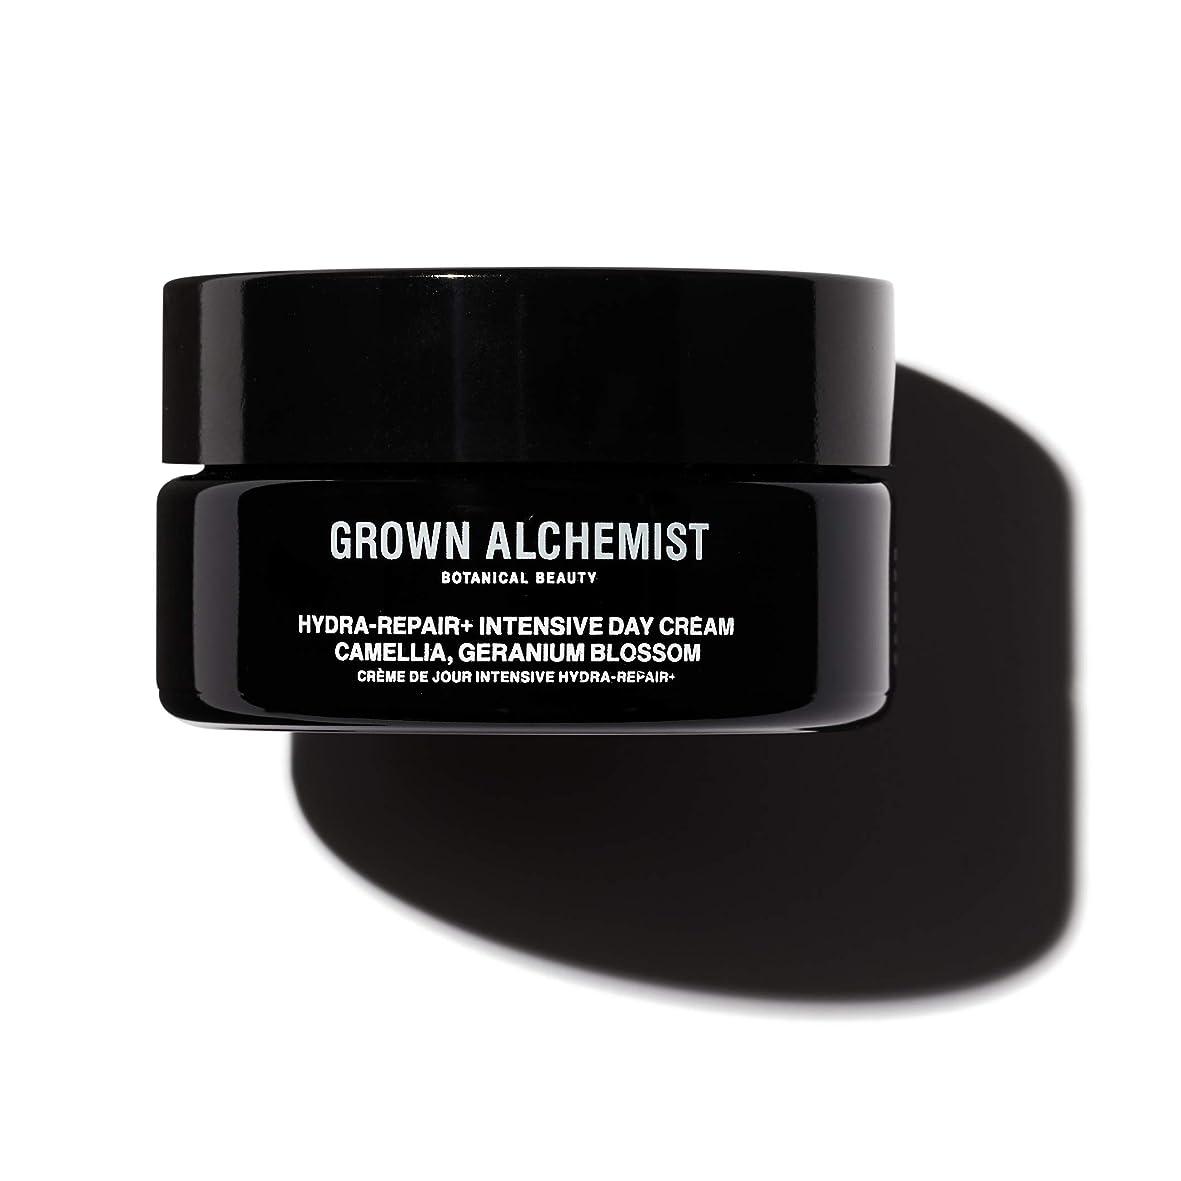 正規化費やす暴露Grown Alchemist Hydra-Repair+ Intensive Day Cream - Camellia & Geranium Blossom 40ml/1.35oz並行輸入品